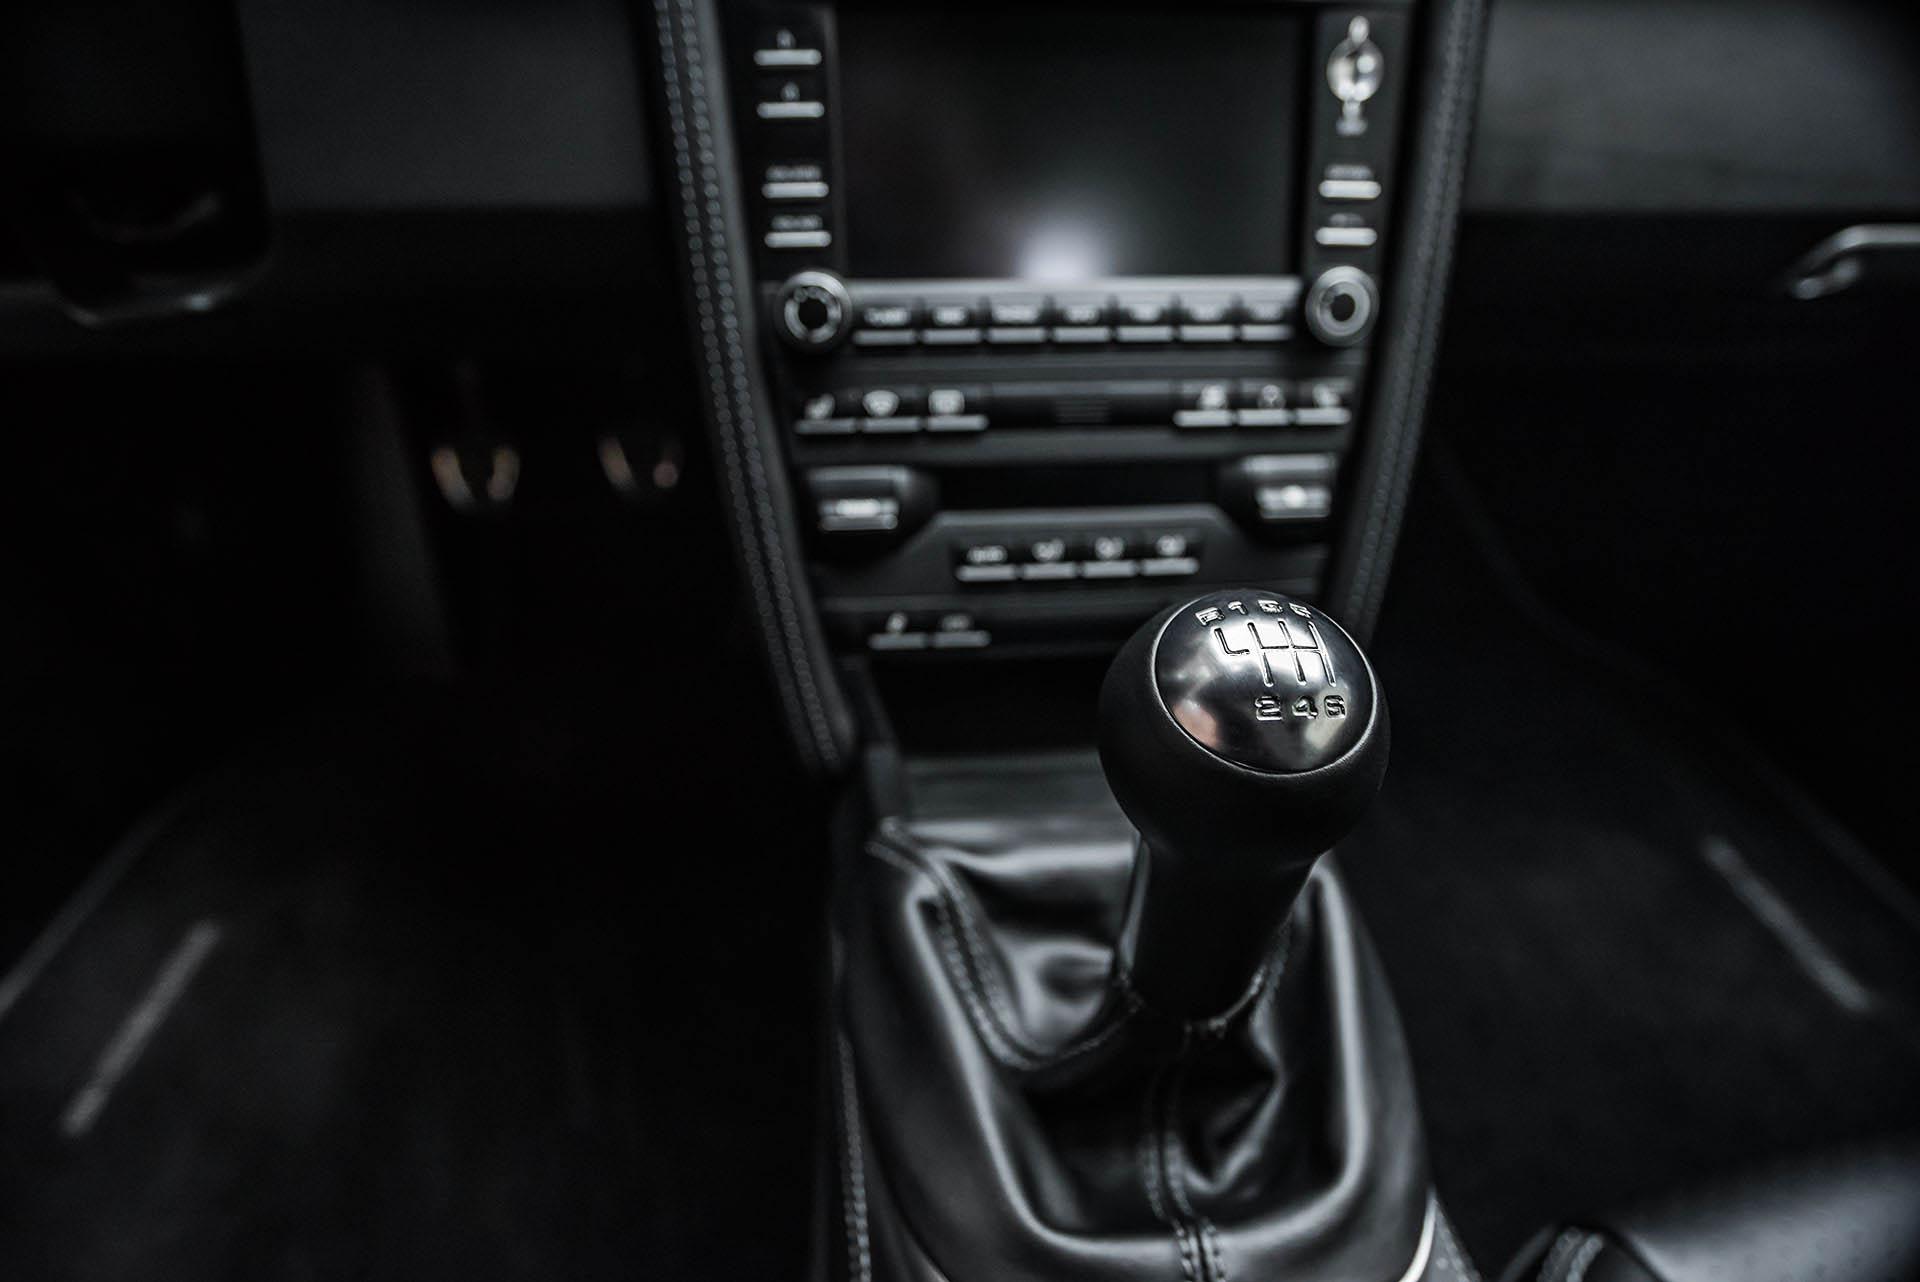 B&K_Sportwagen_Rheinland_GmbH_Porsche_997_4GTS_grau_7